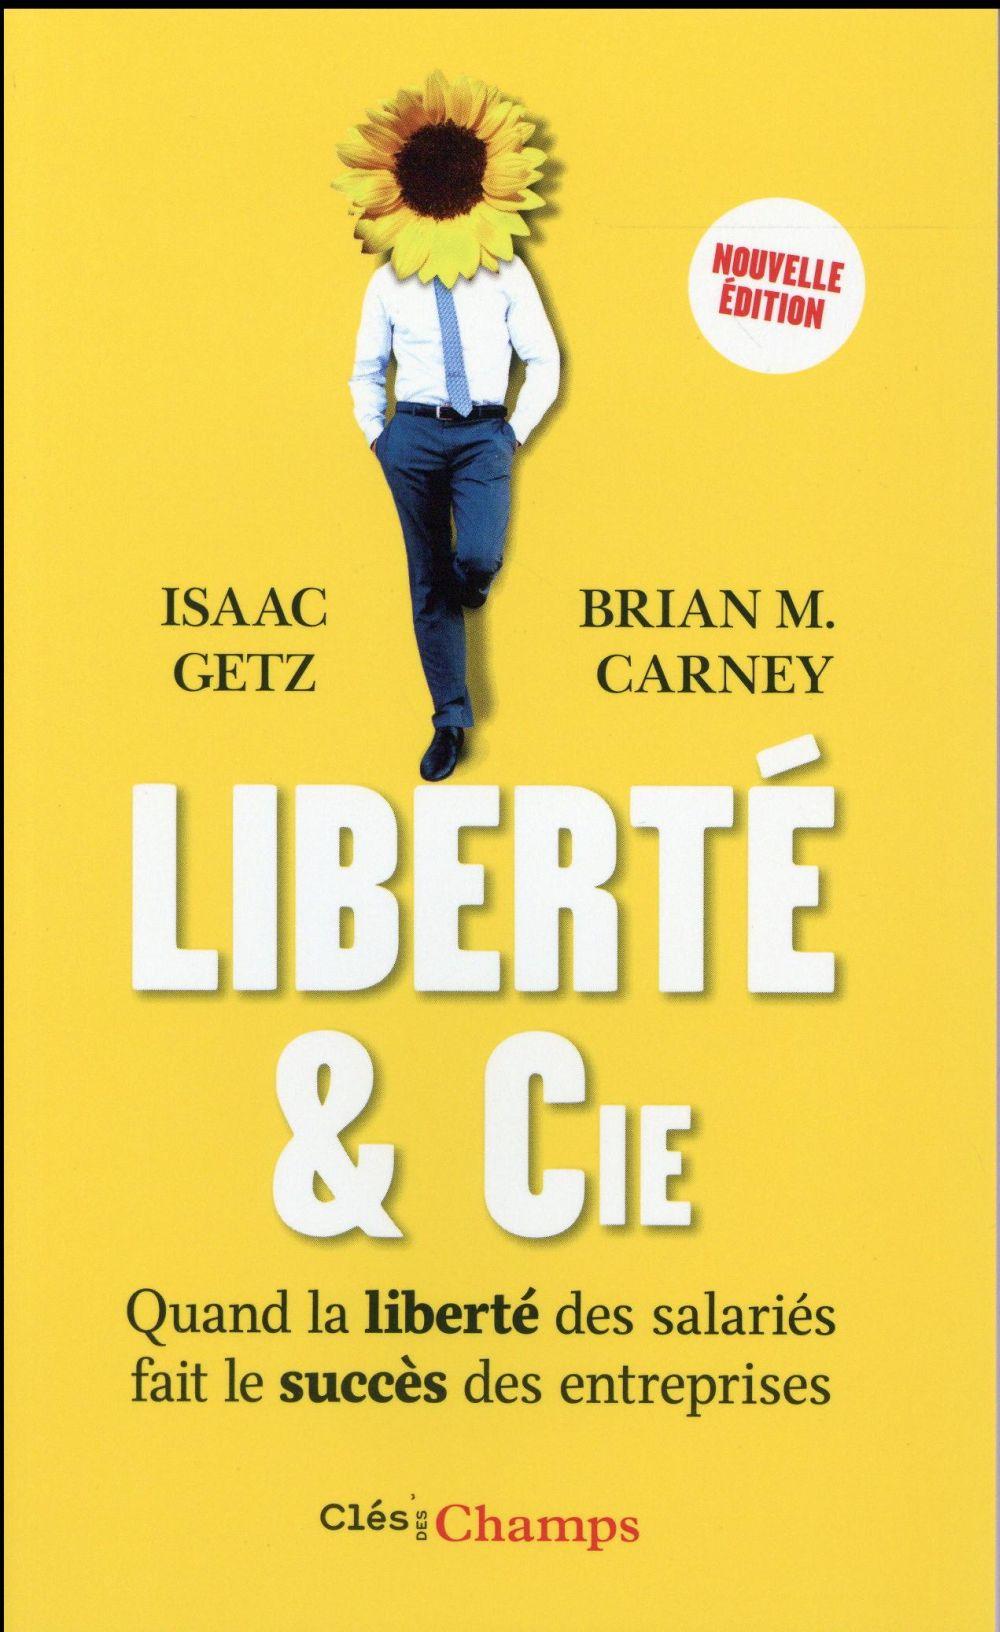 Liberte & Cie - Quand La Liberte Des Salaries Fait Le Succes Des Entreprises